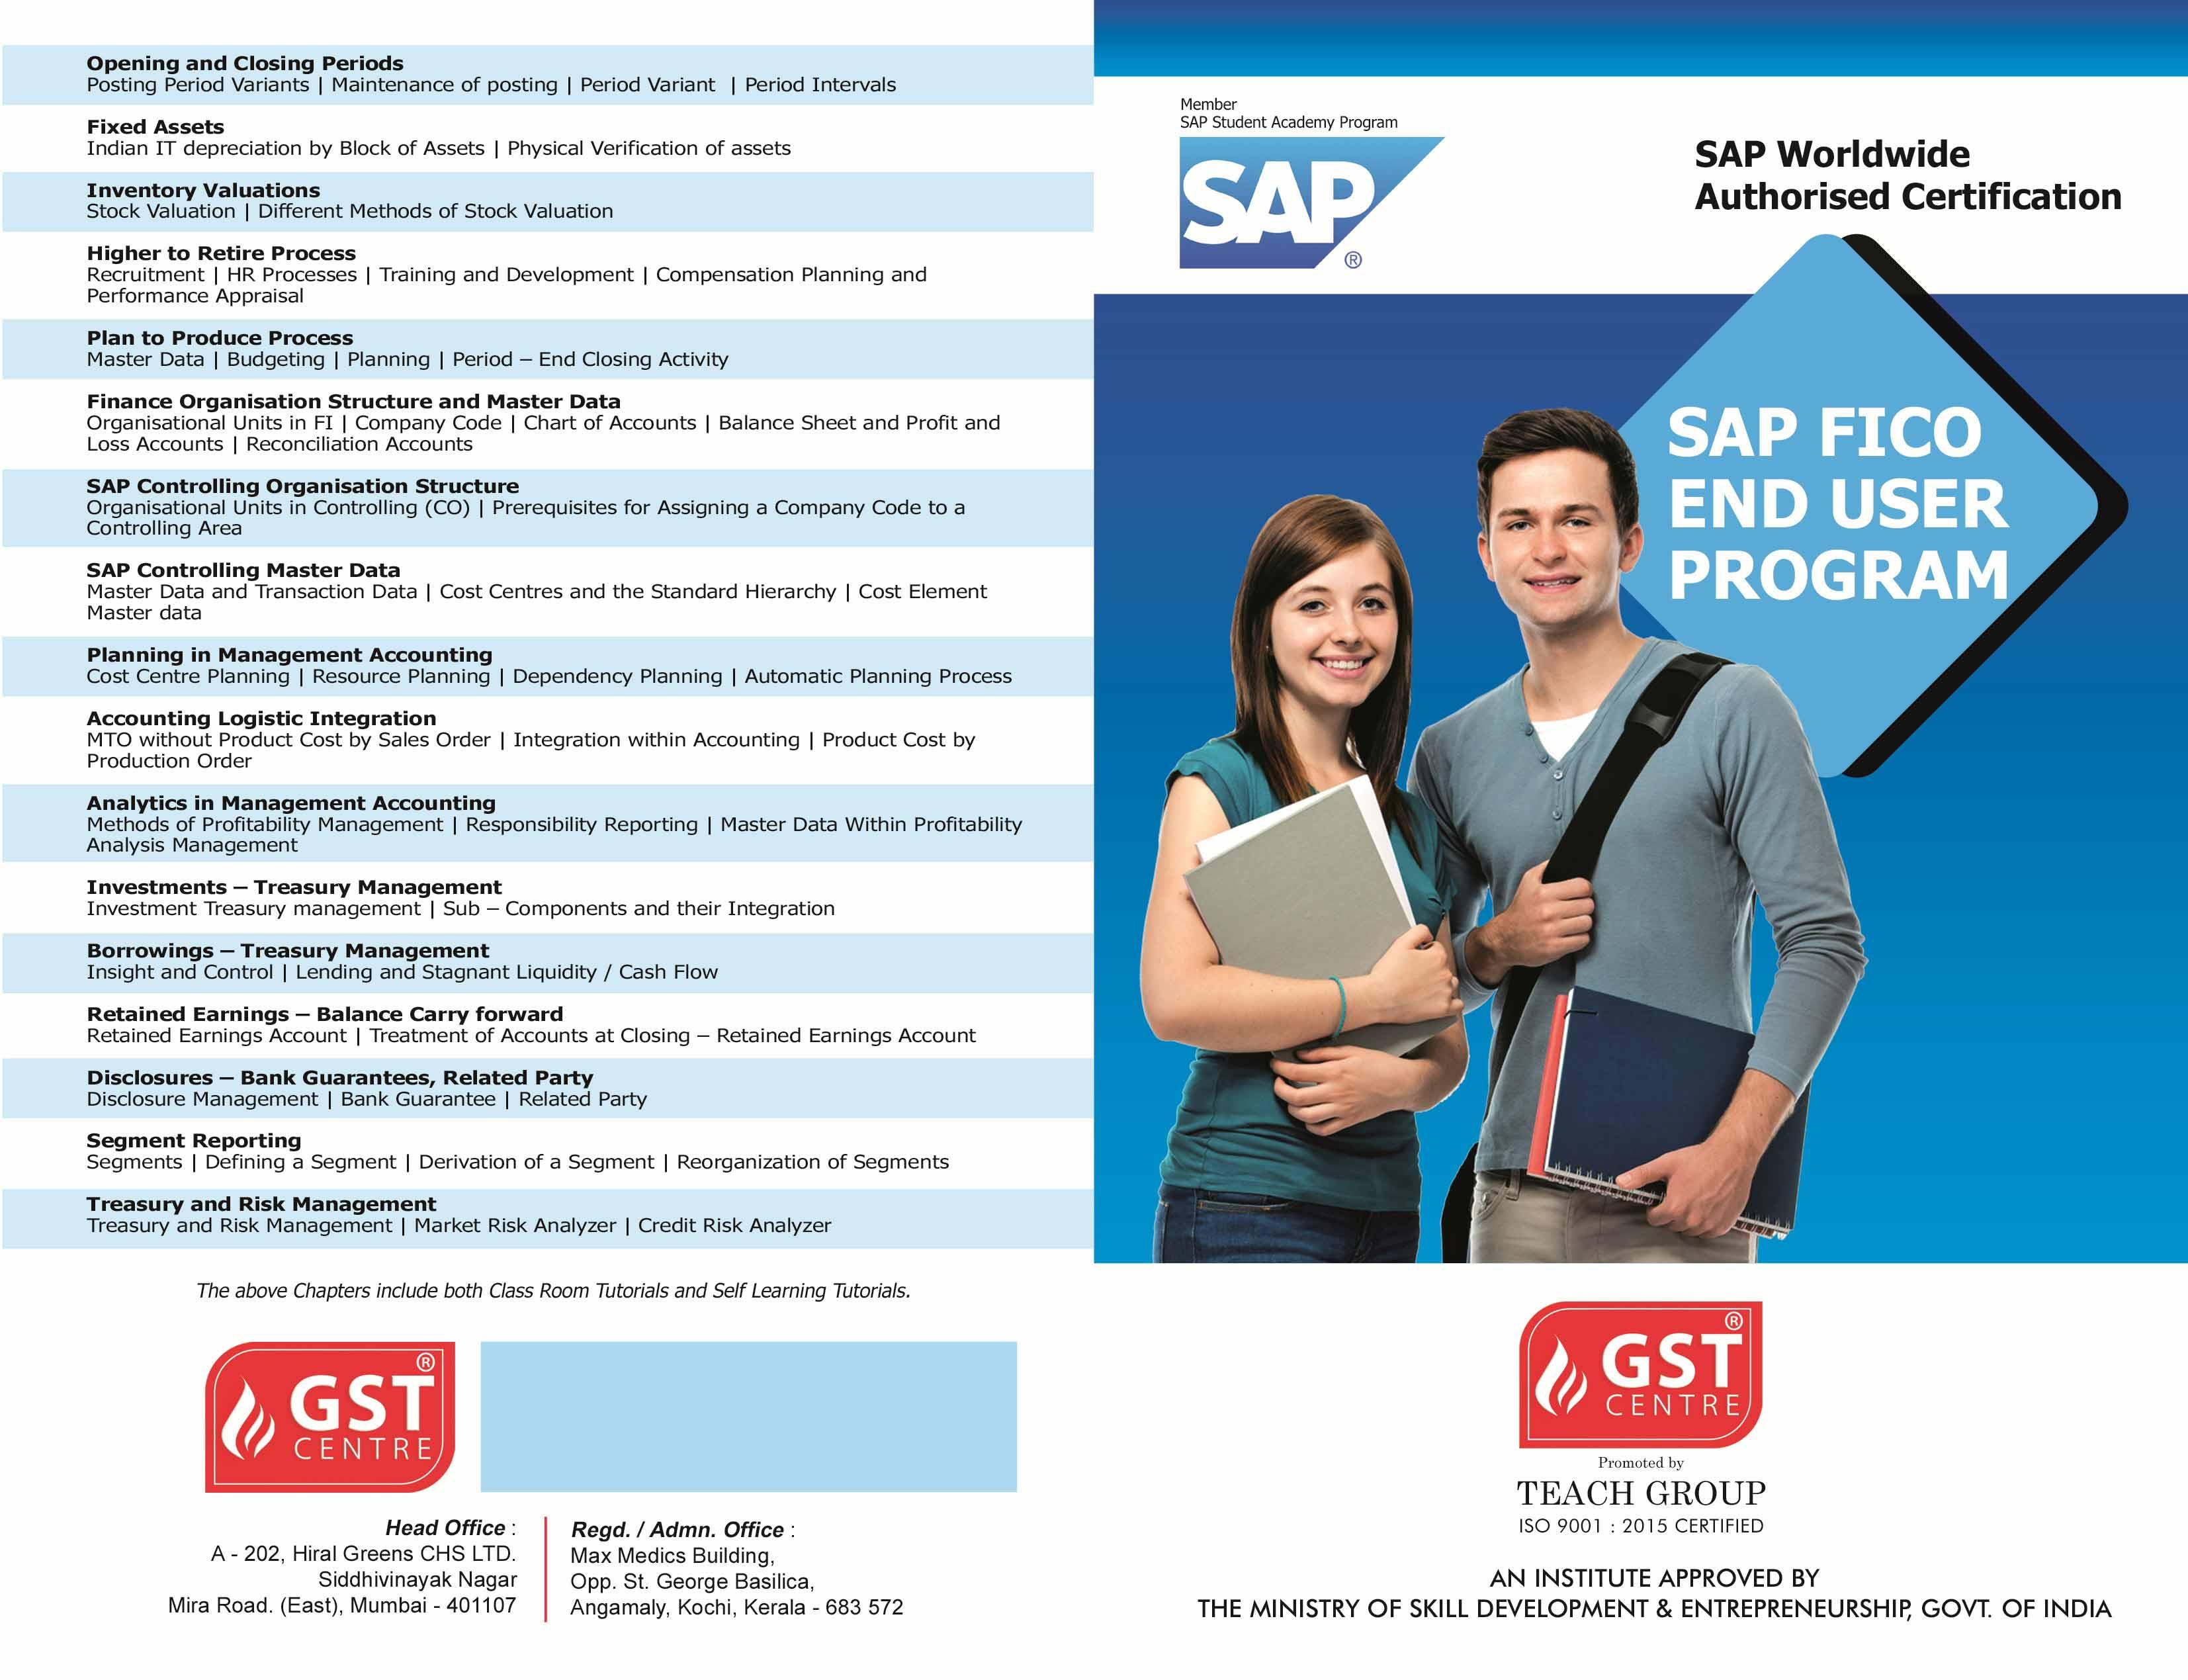 GST Training Centre | Course Details